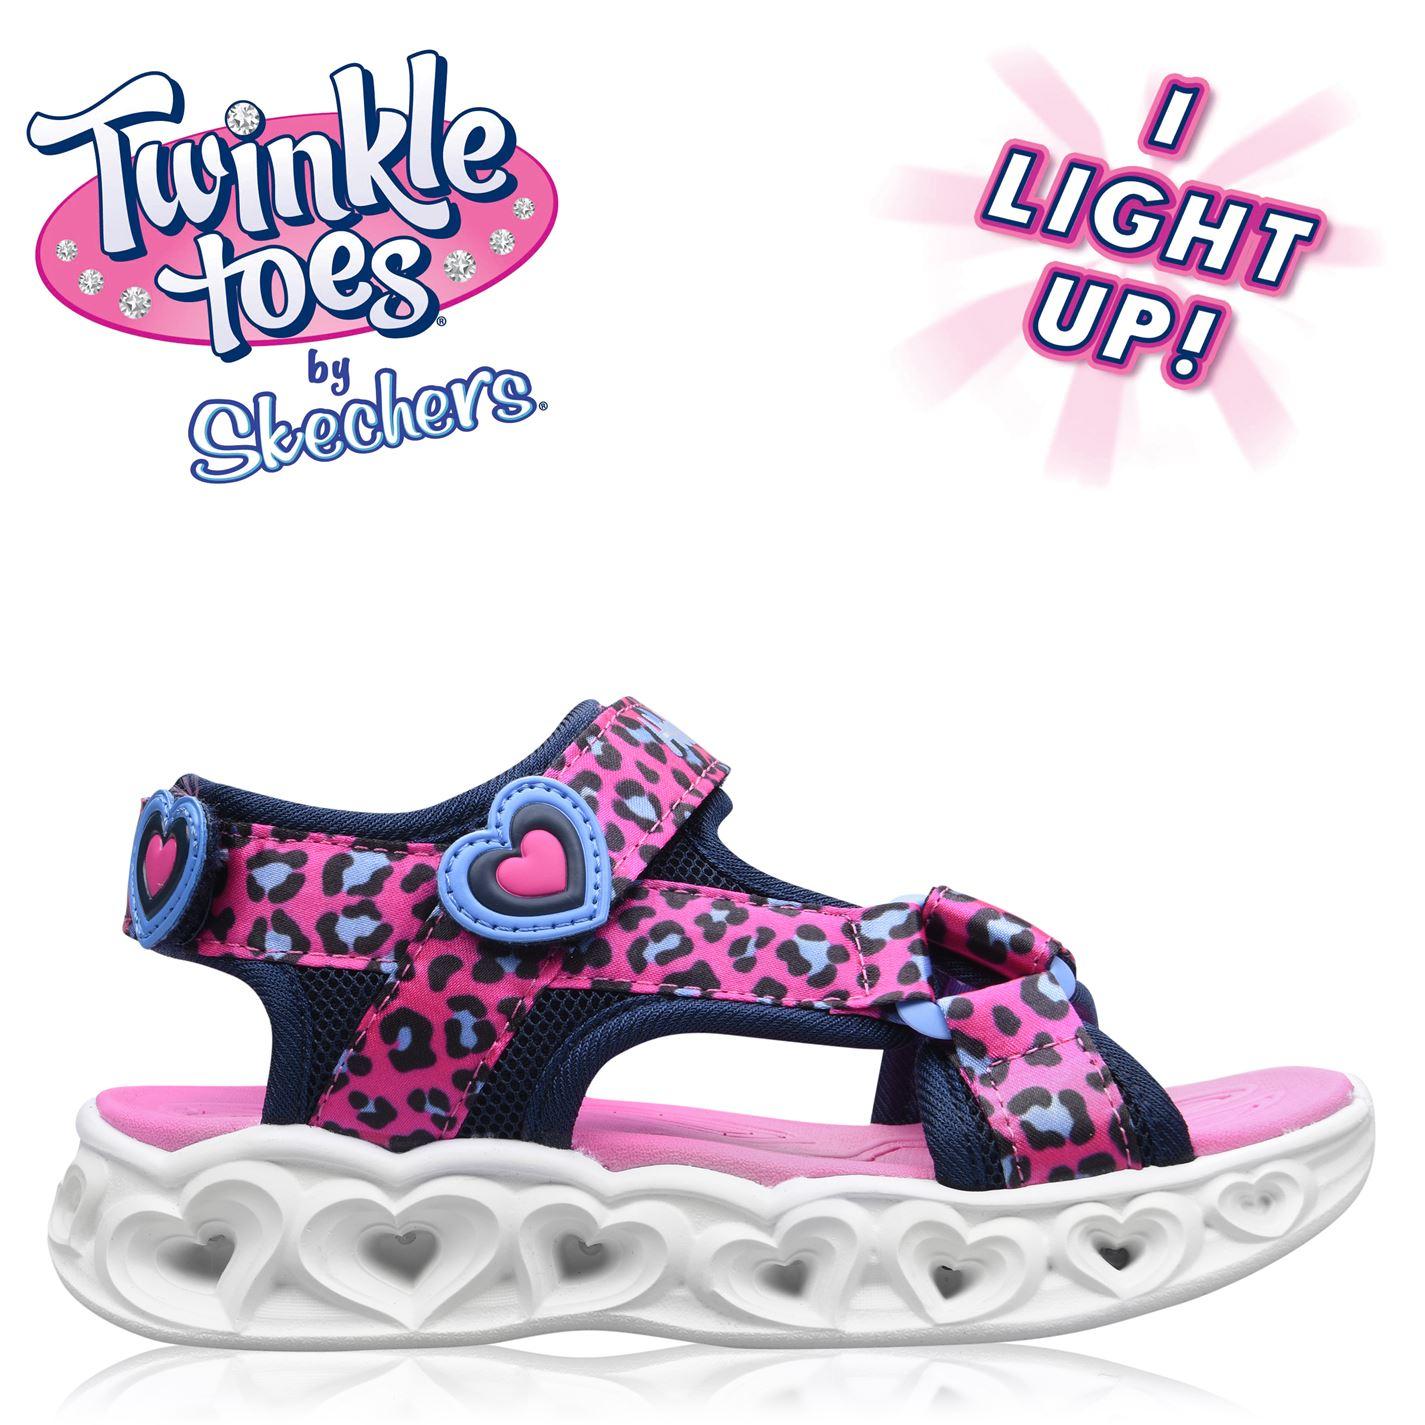 Sandale Skechers Savvy care se aprind Child pentru fete roz negru